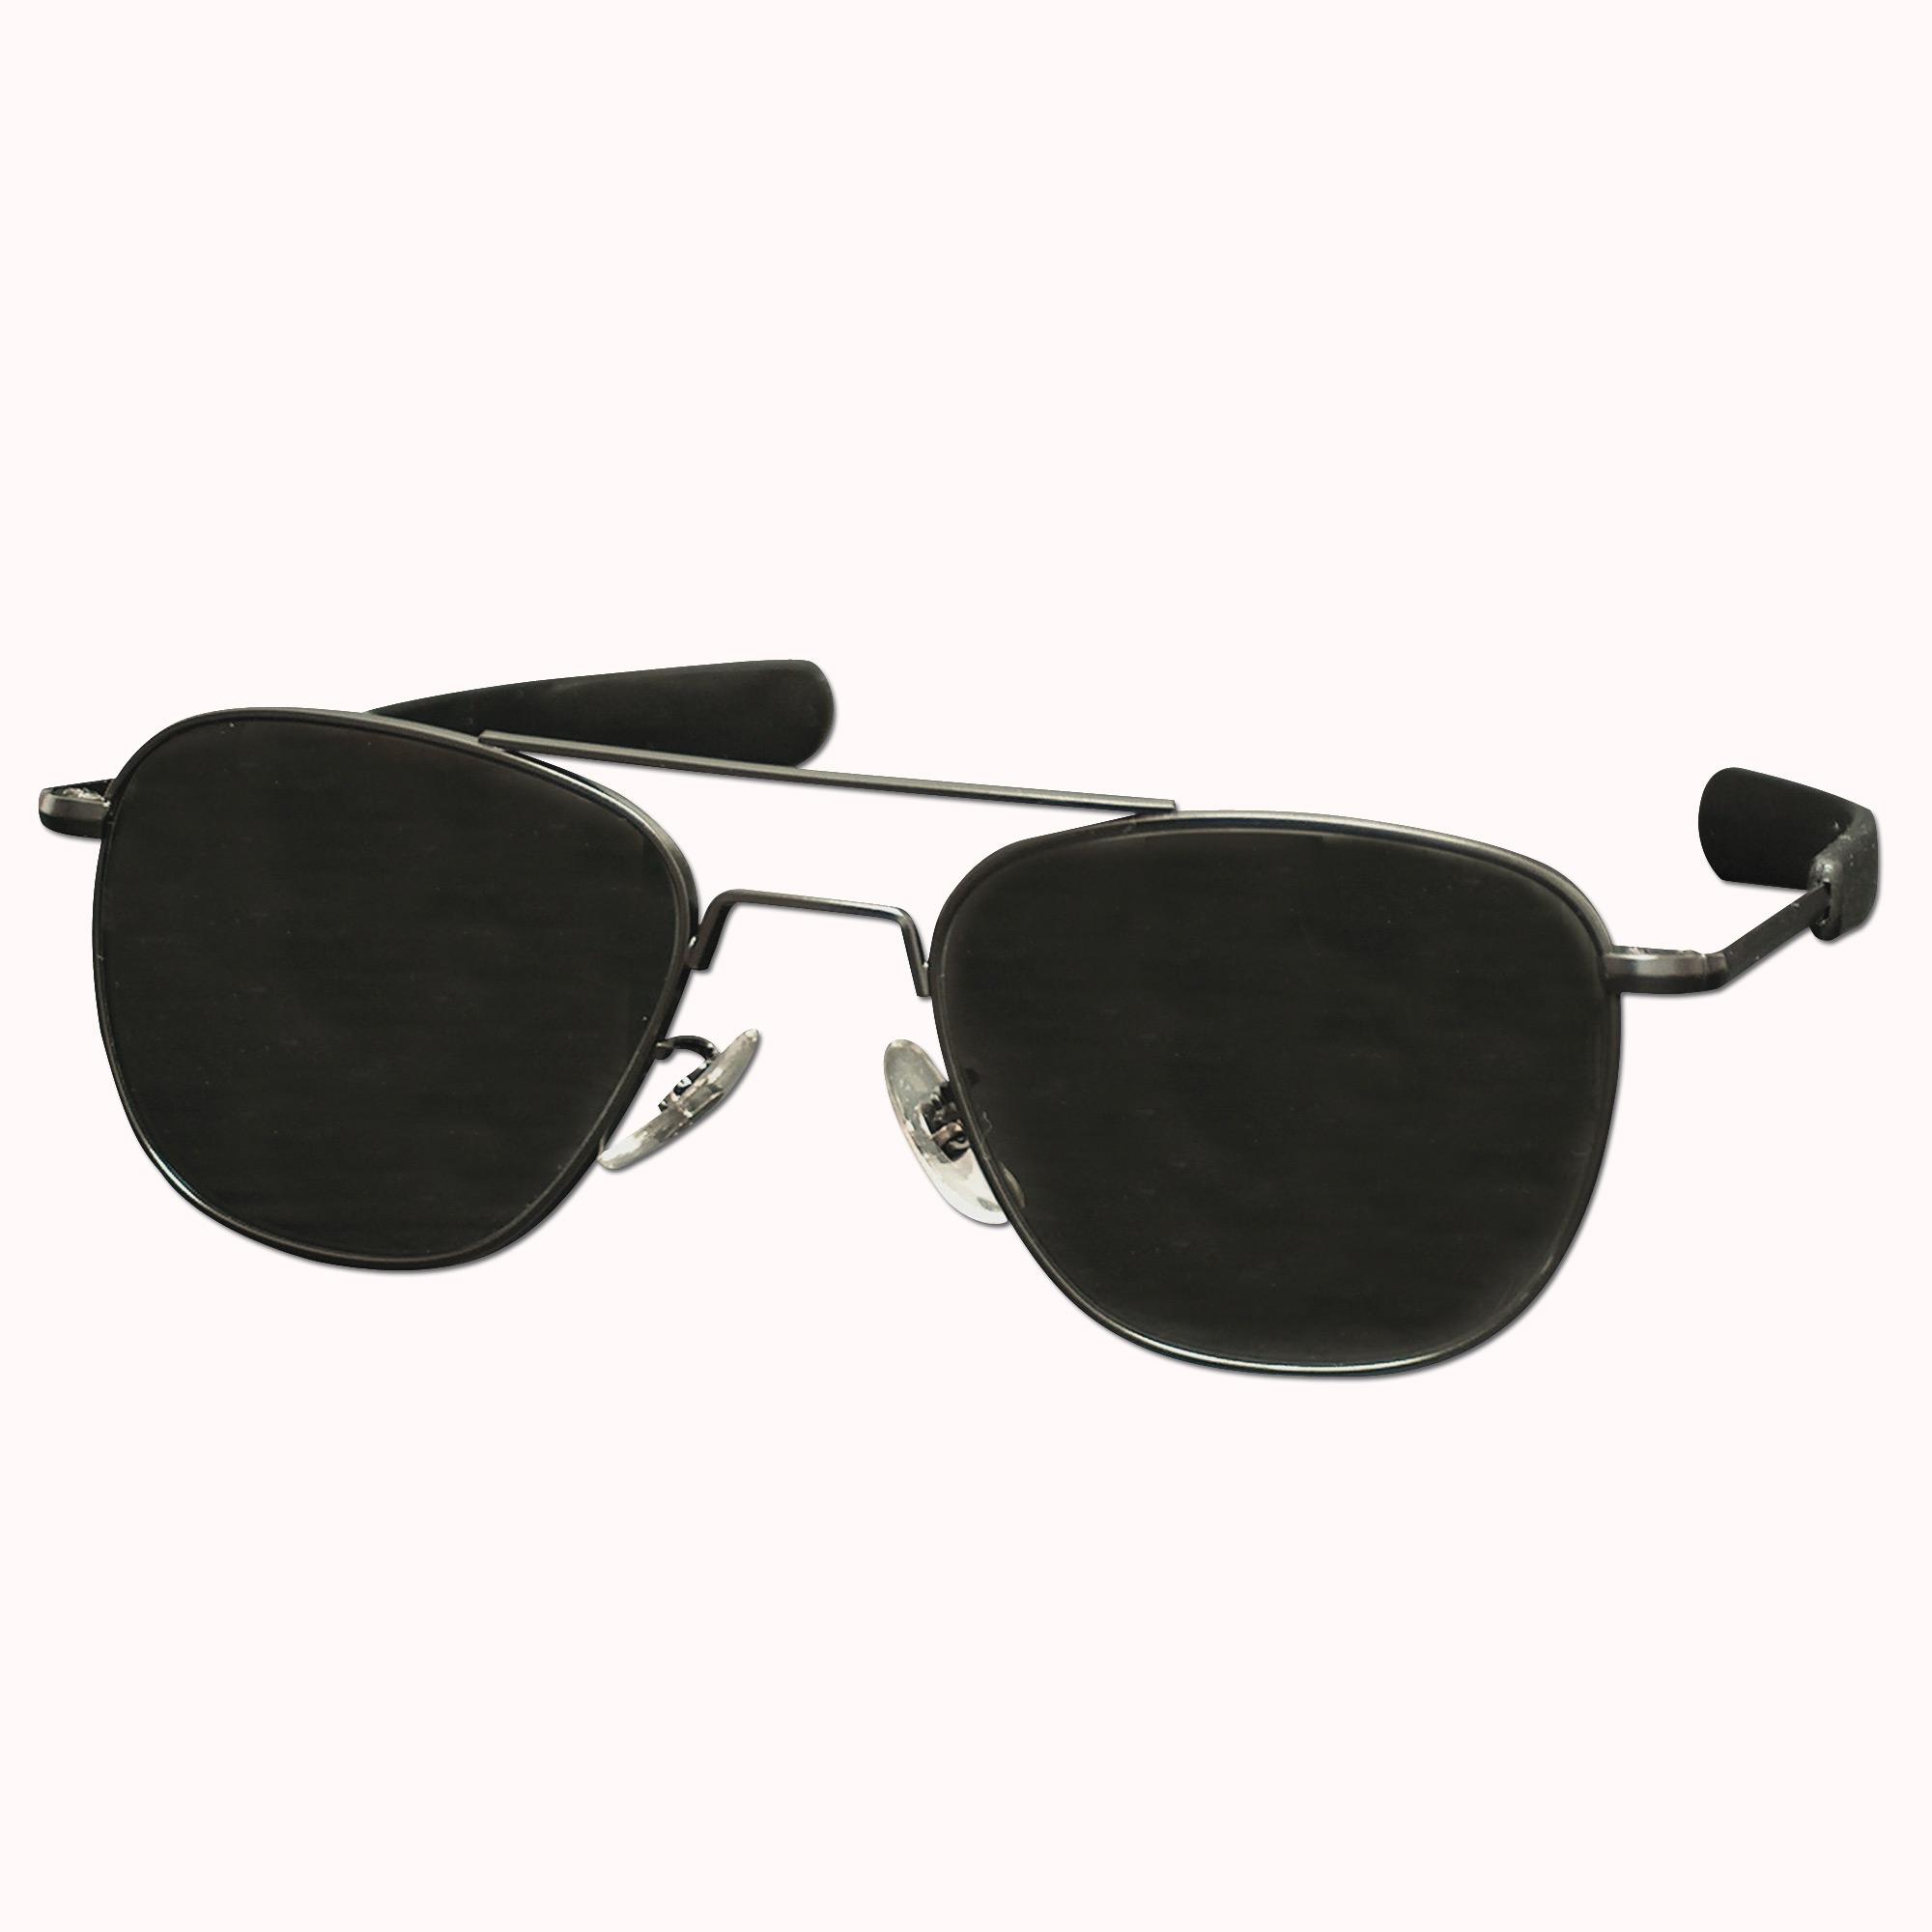 Piloten Sonnenbrille 57 mm schwarz